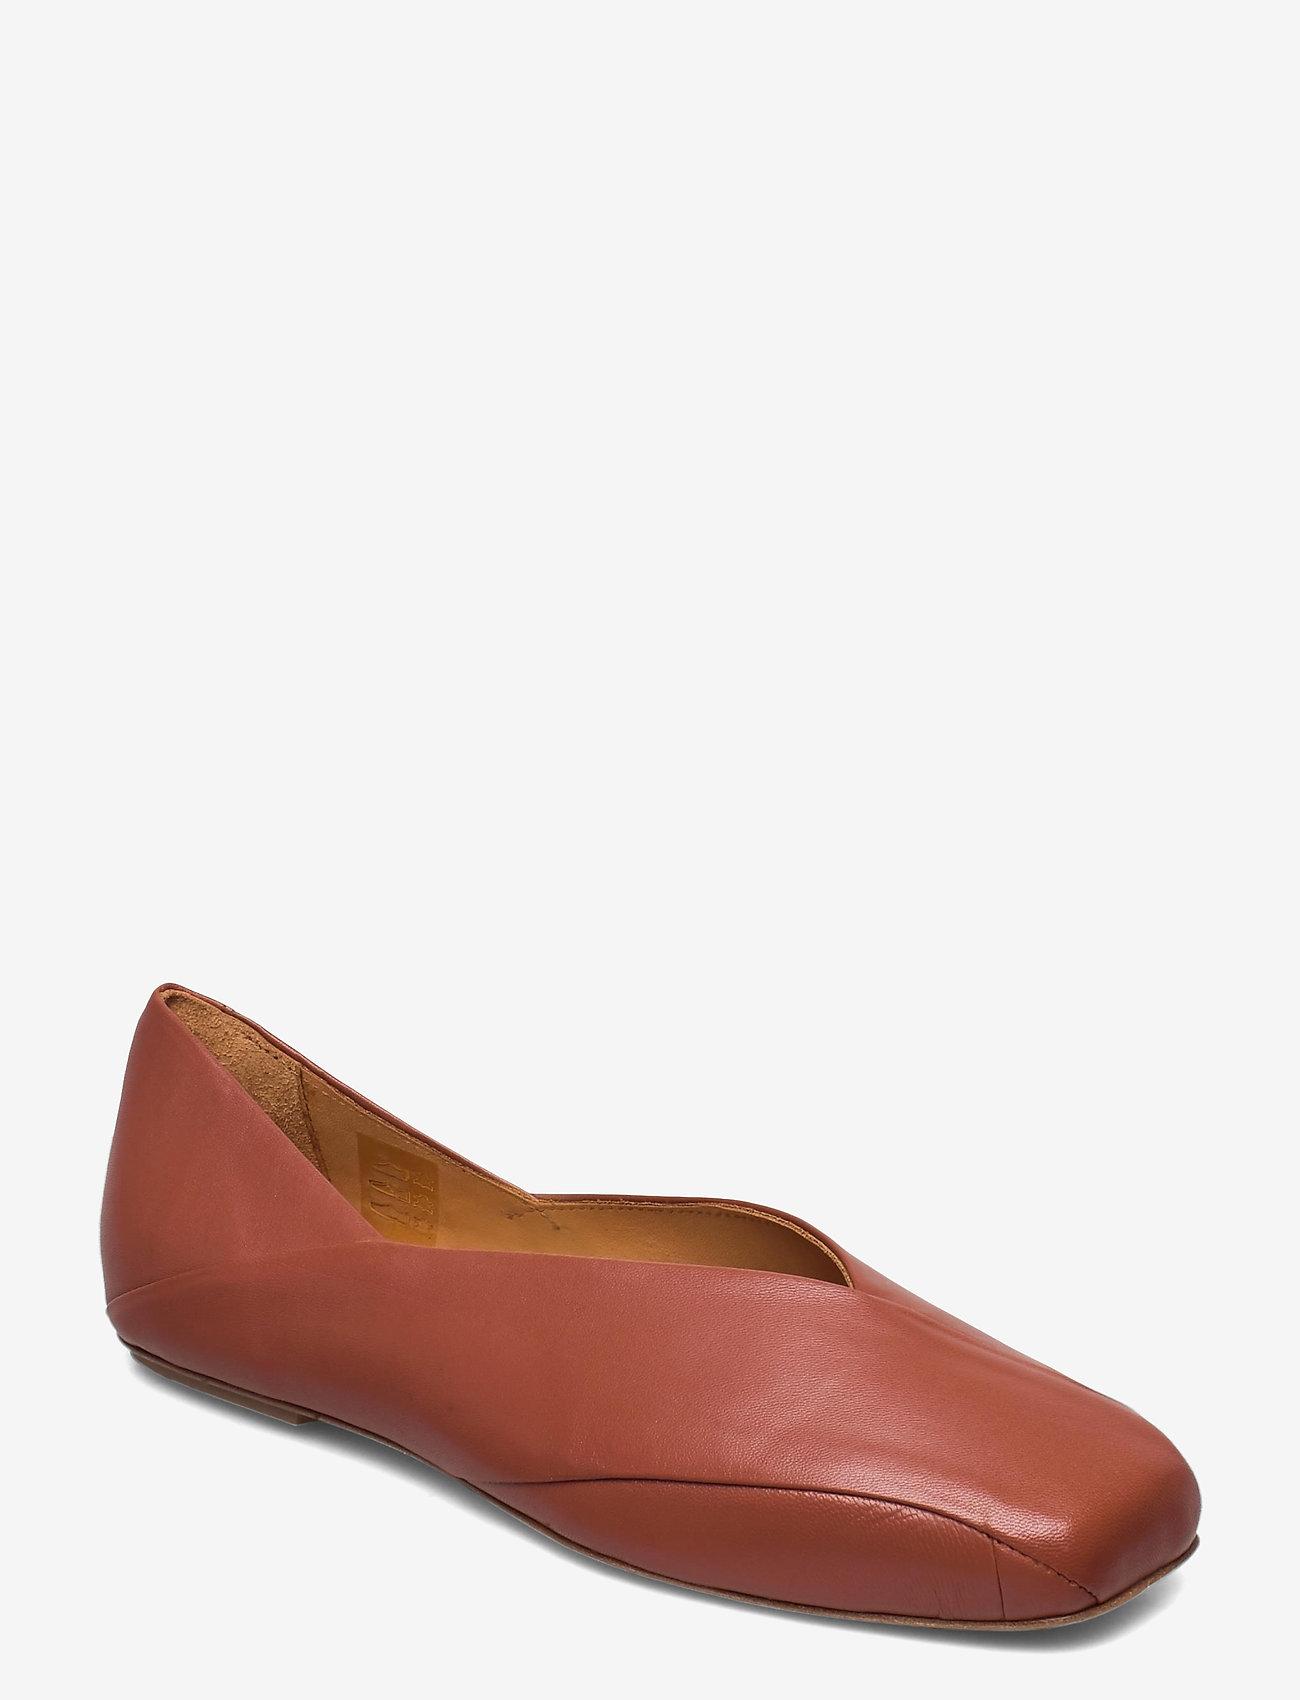 RODEBJER - RODEBJER YLENA - schoenen - chestnut - 0